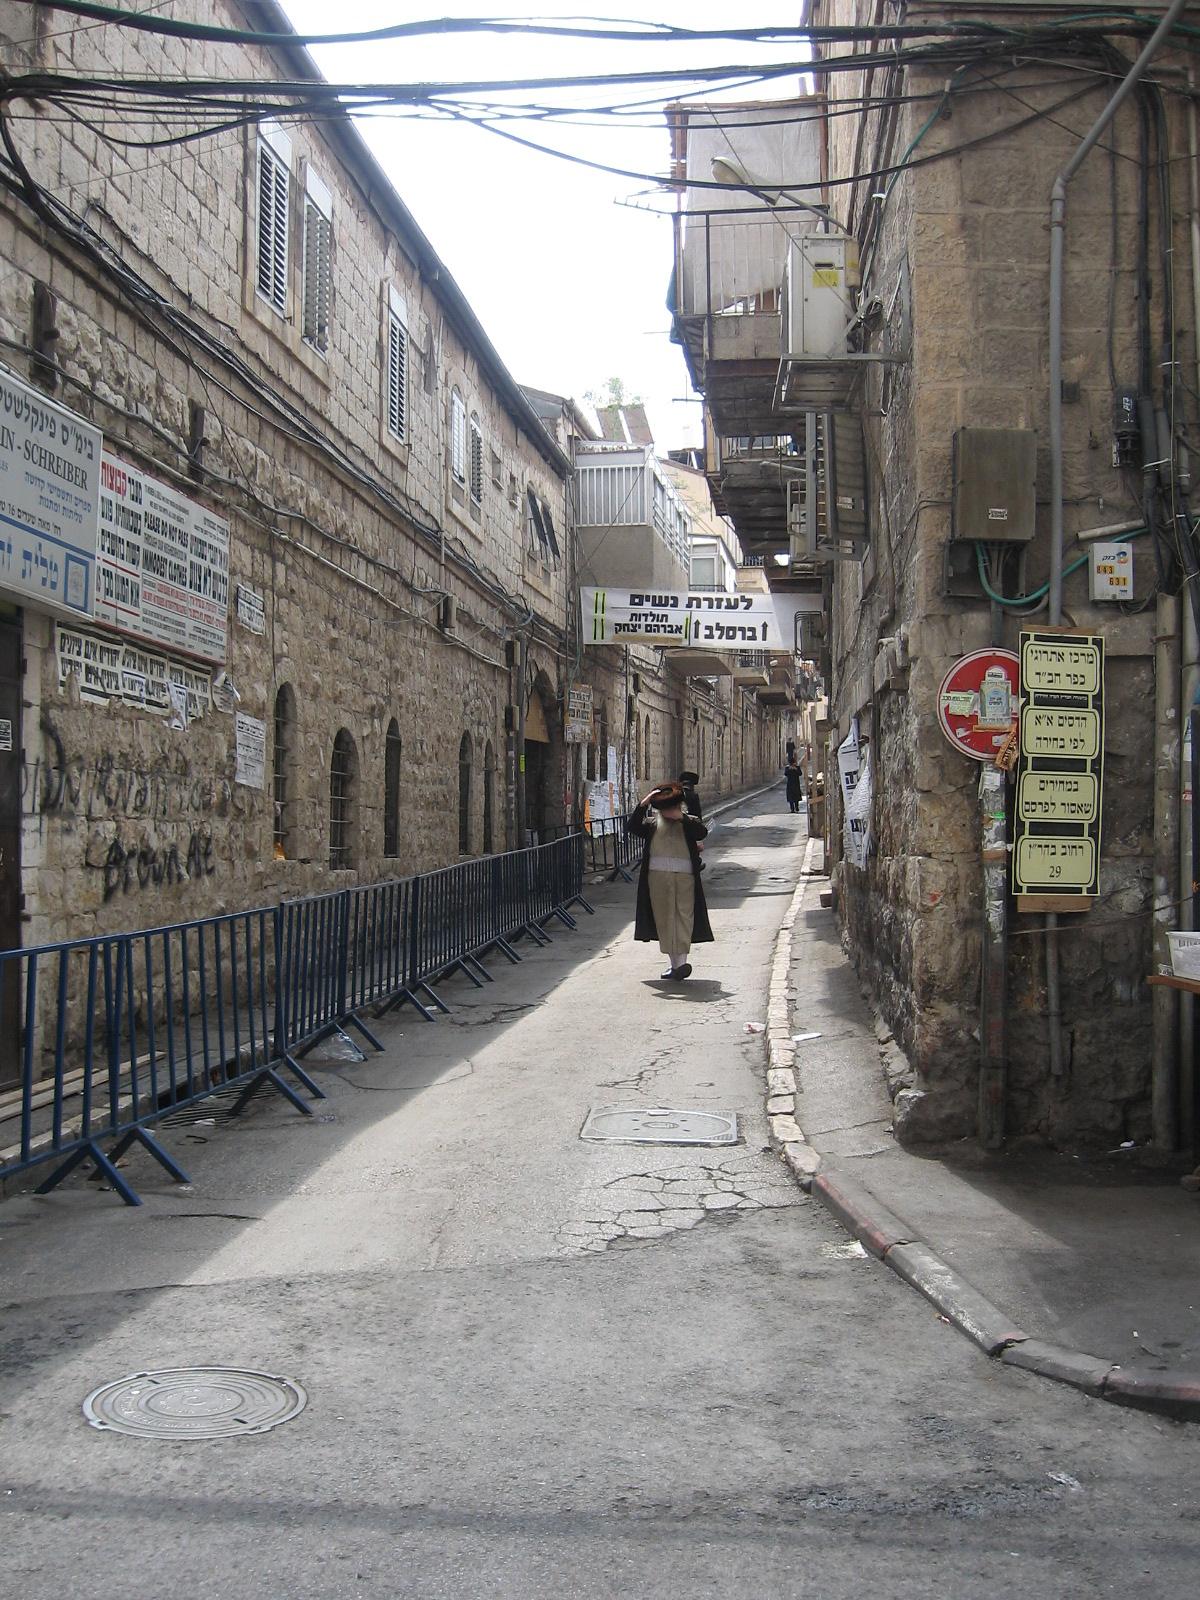 רחוב_שלמה_זלמן_בהר-ן  רחוב_זוננפלד_בירושלים - שכונת בית ישראל